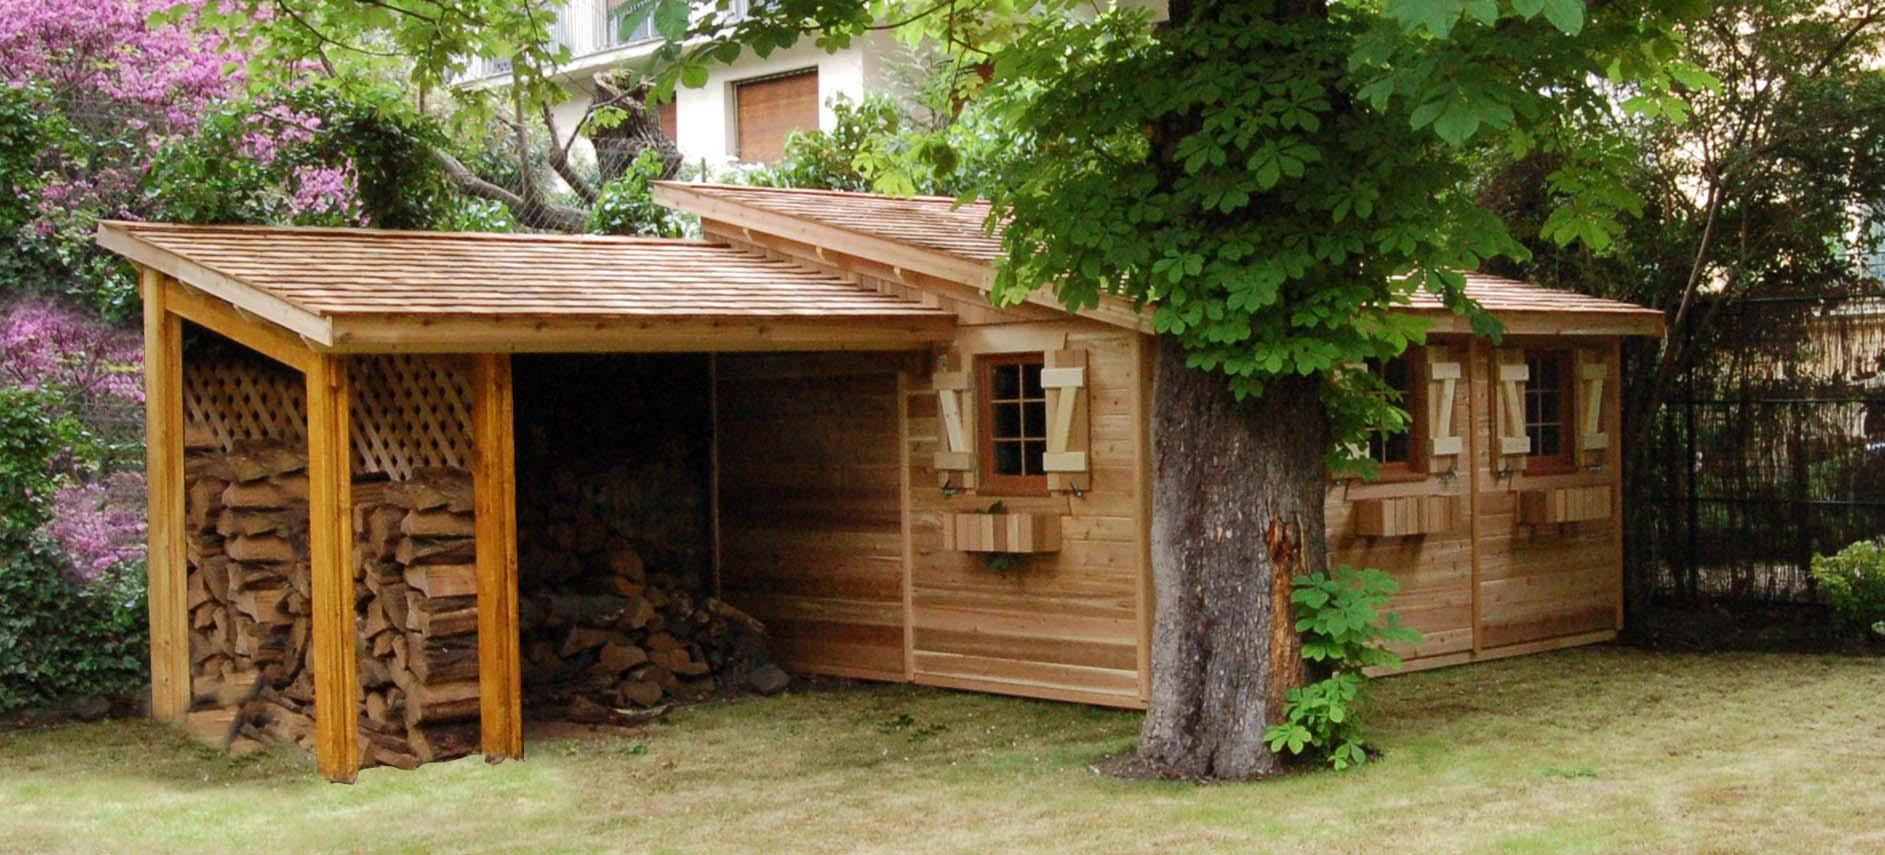 Abri De Jardin En Bois 1 Pente De 5M2 À 11M2 Le Quimper destiné Abri De Jardin Une Pente Castorama